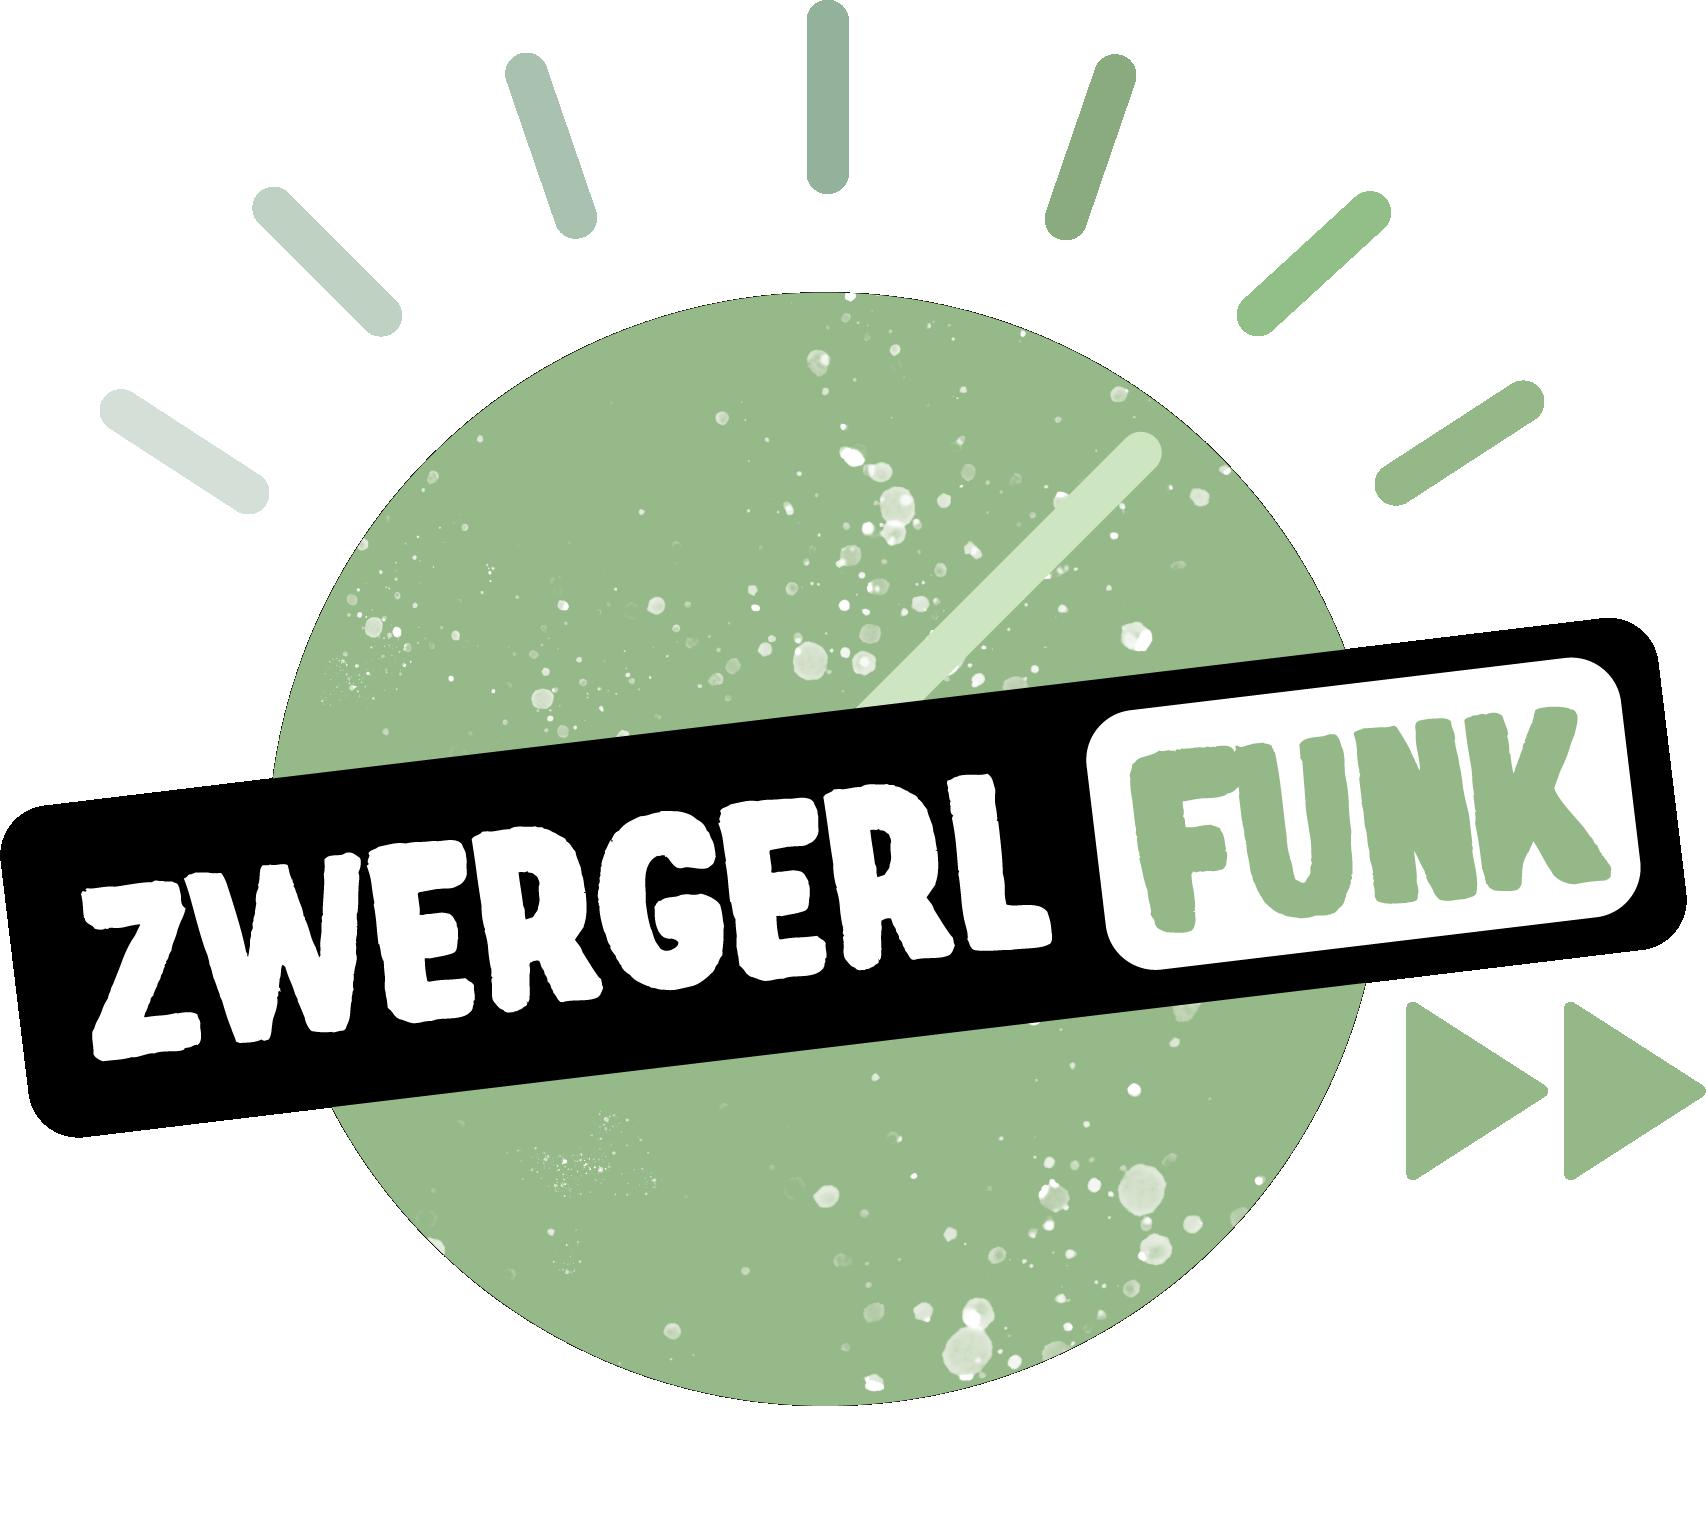 Logo Zwergerlfunk